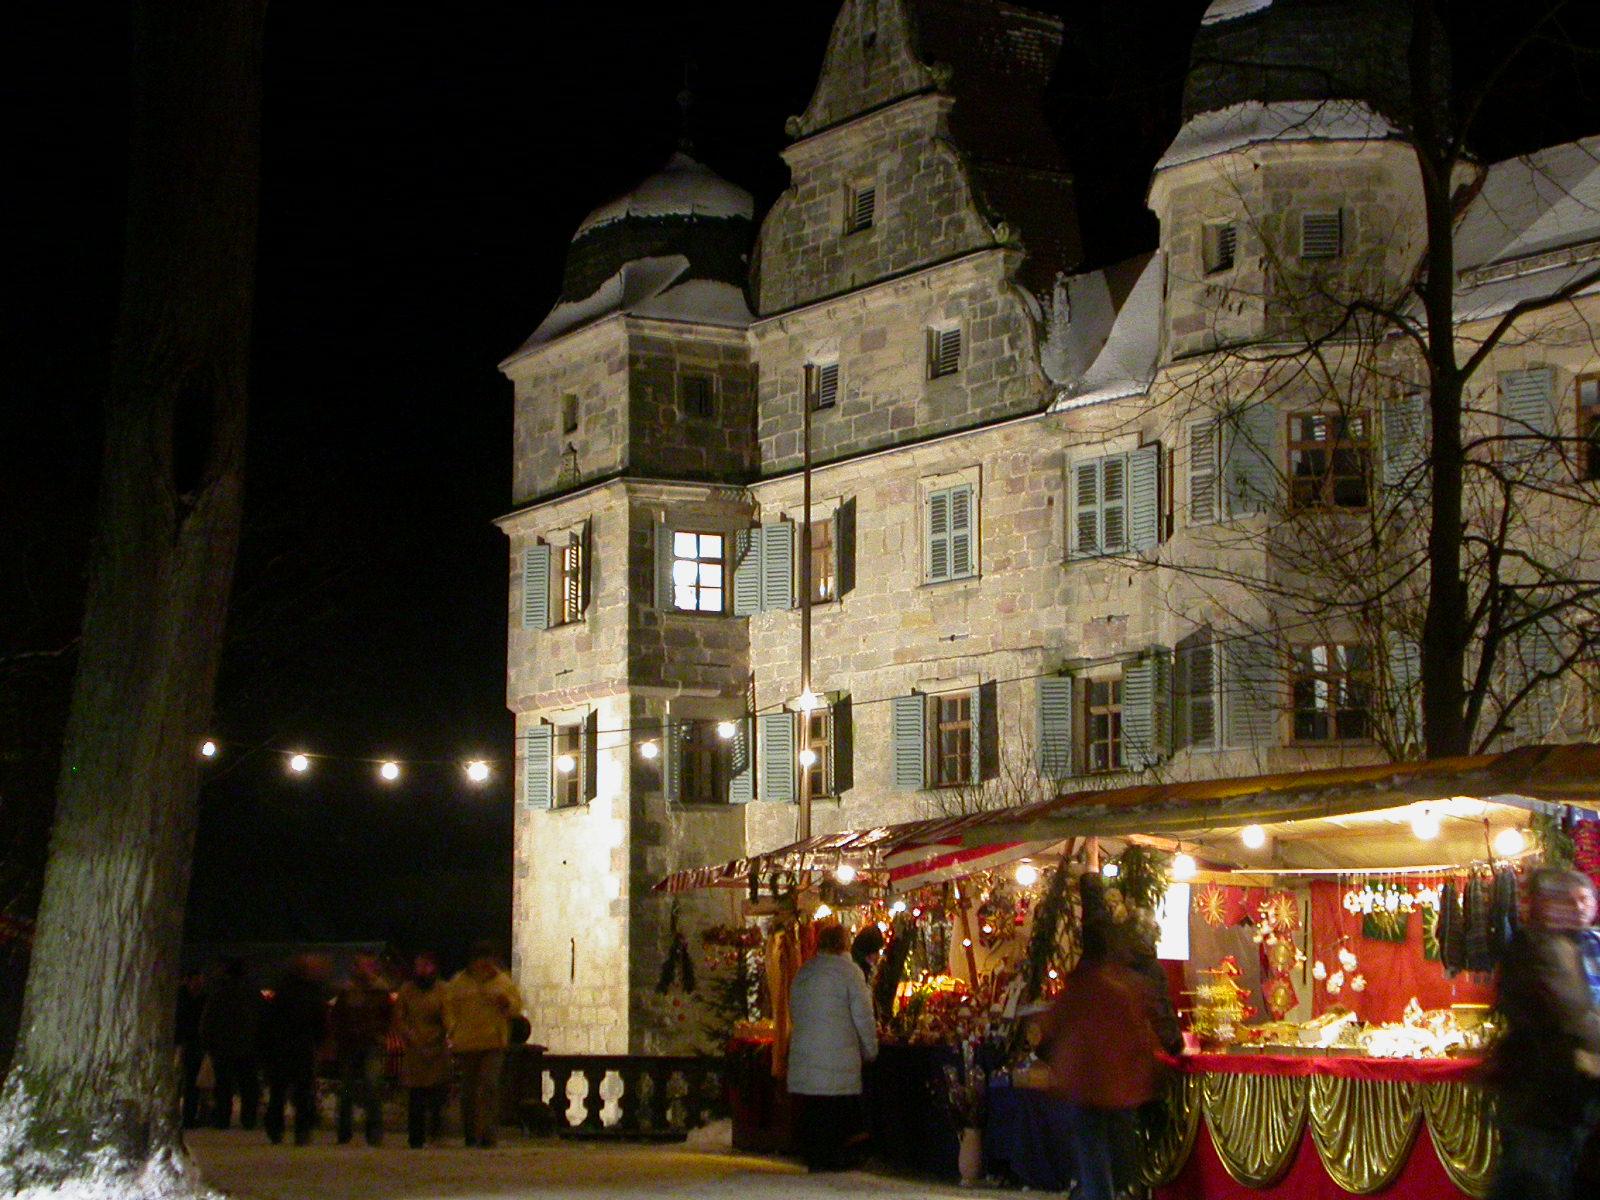 Weihnachtsmarkt in Mitwitz